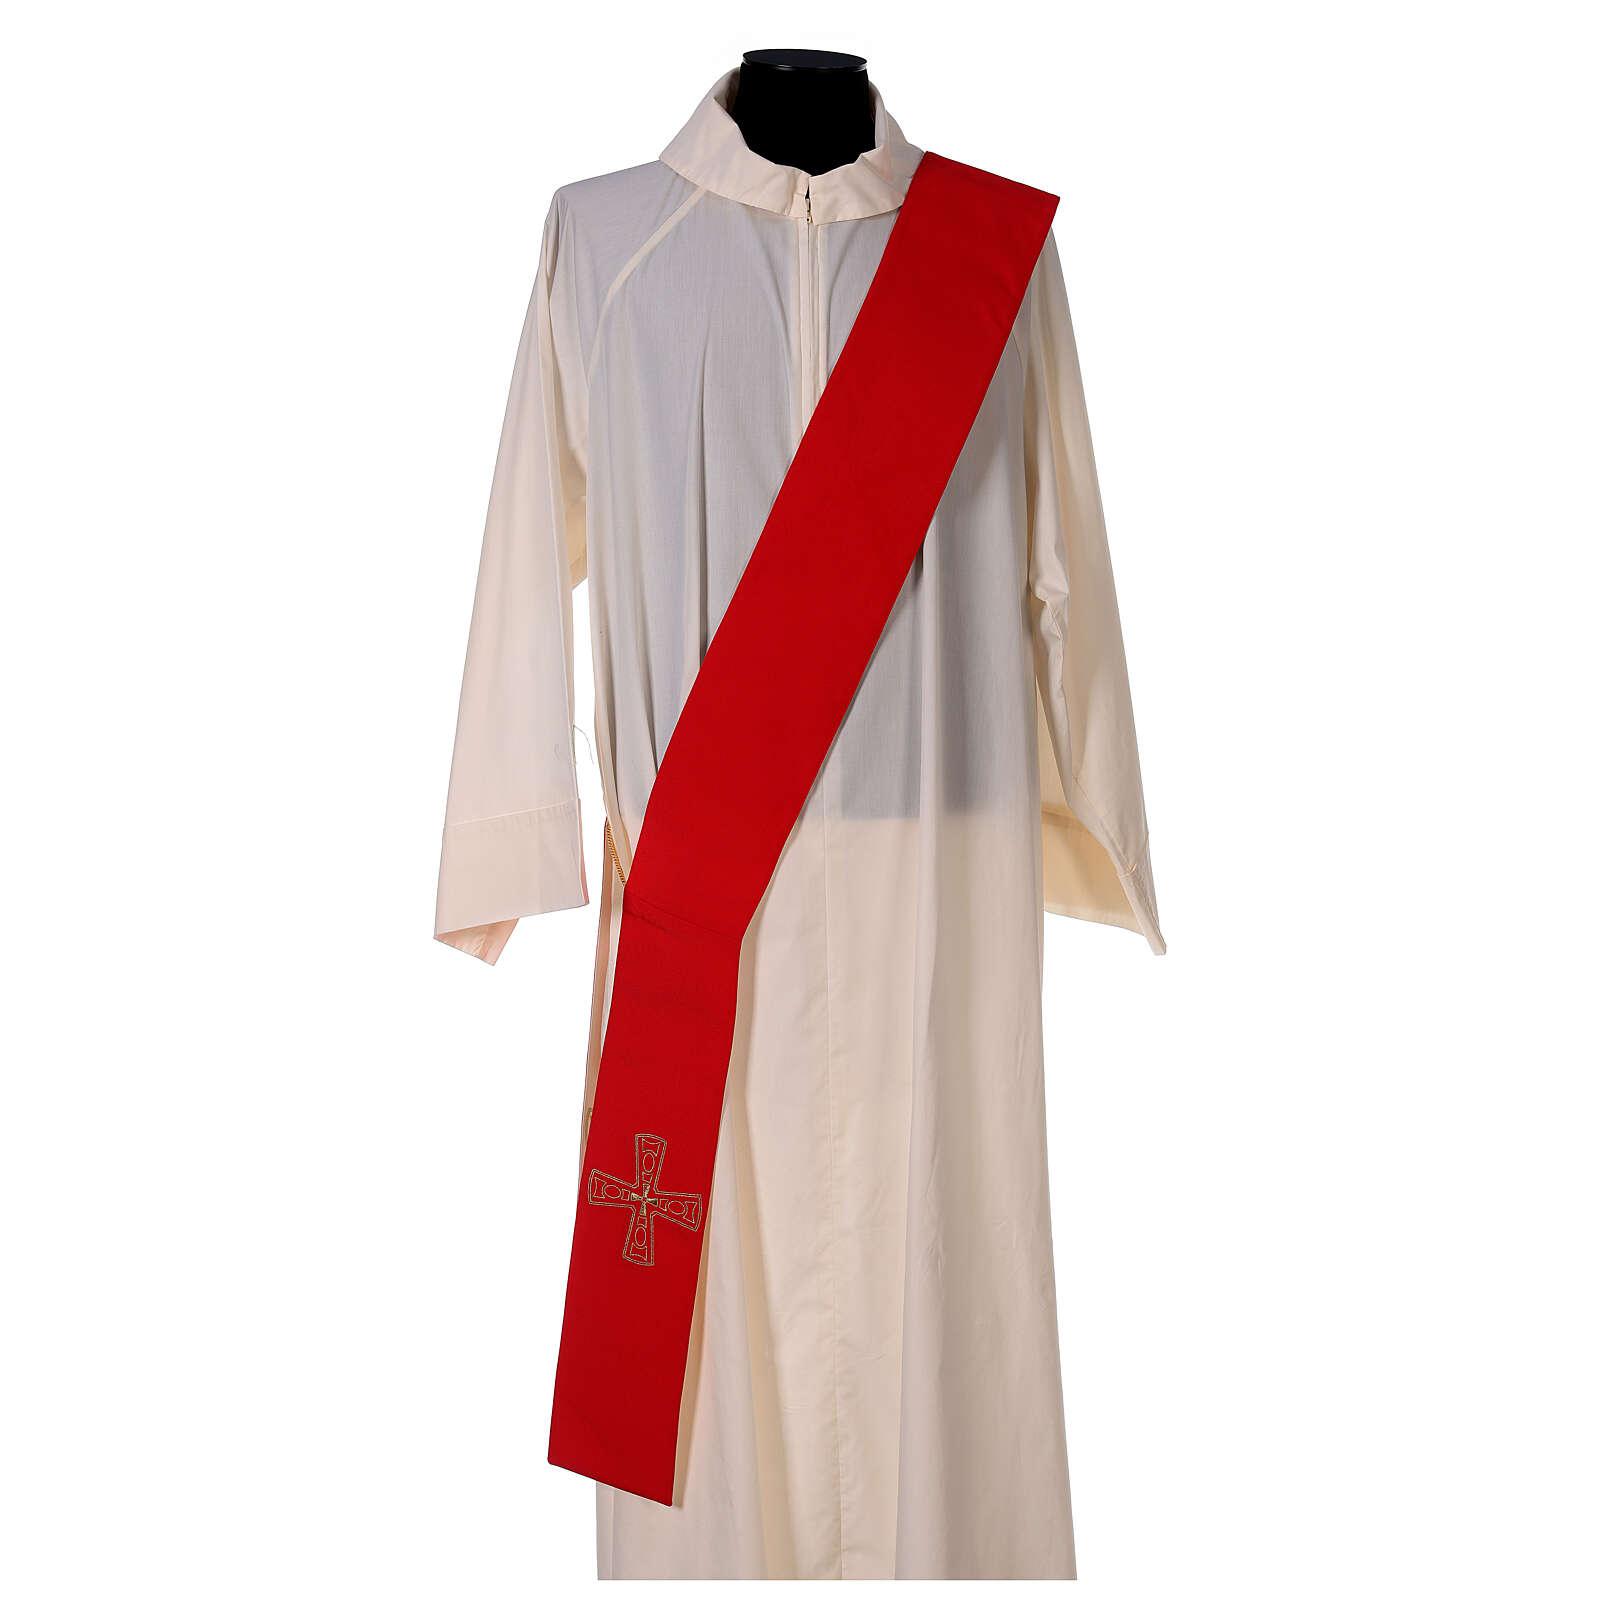 Stola diaconale con croci 100% poliestere bianco rosso 4